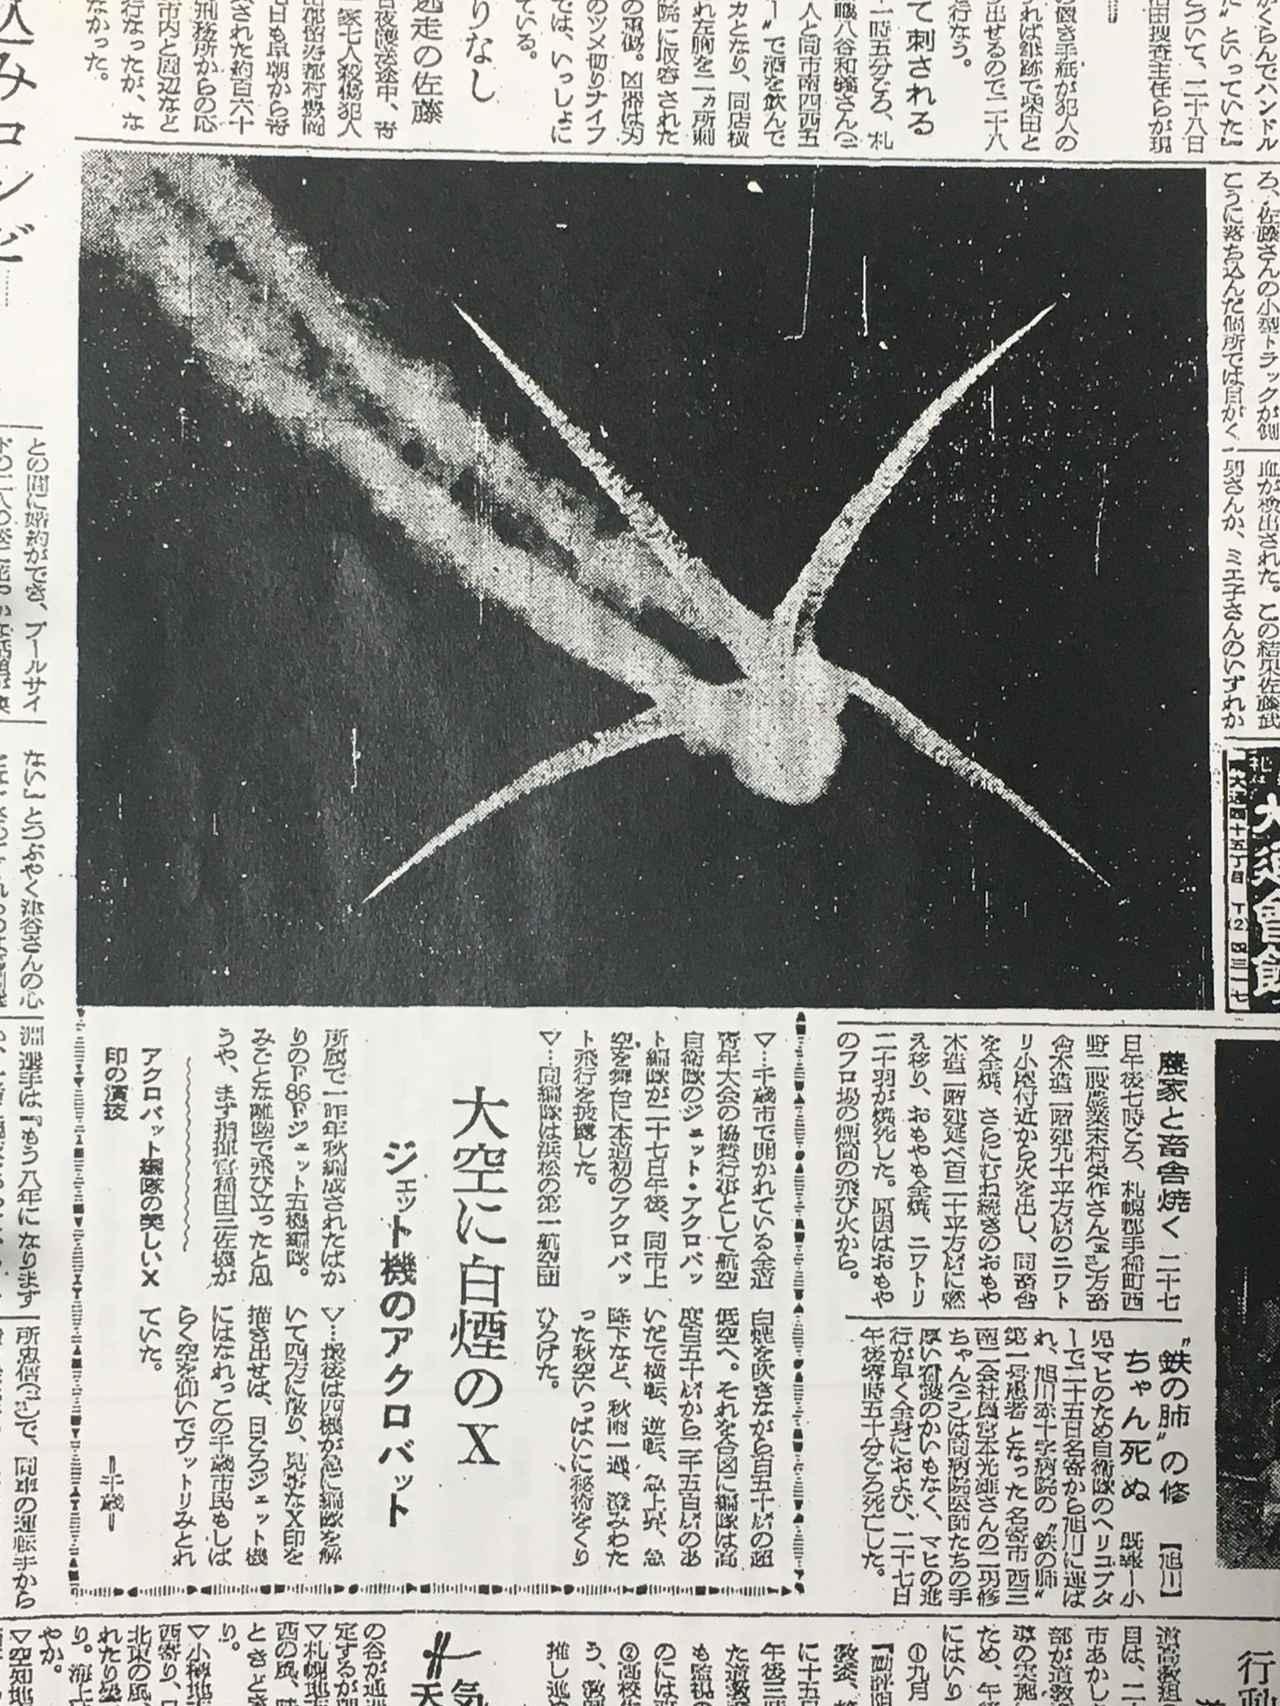 画像: 記念すべきブルーの初部外展示飛行での上向き空中開花。突き抜け機動のソロが編隊を追うスモークと思われる軌跡もちゃんと写っている(1960年8月28日(日)付の北海道新聞朝刊)。